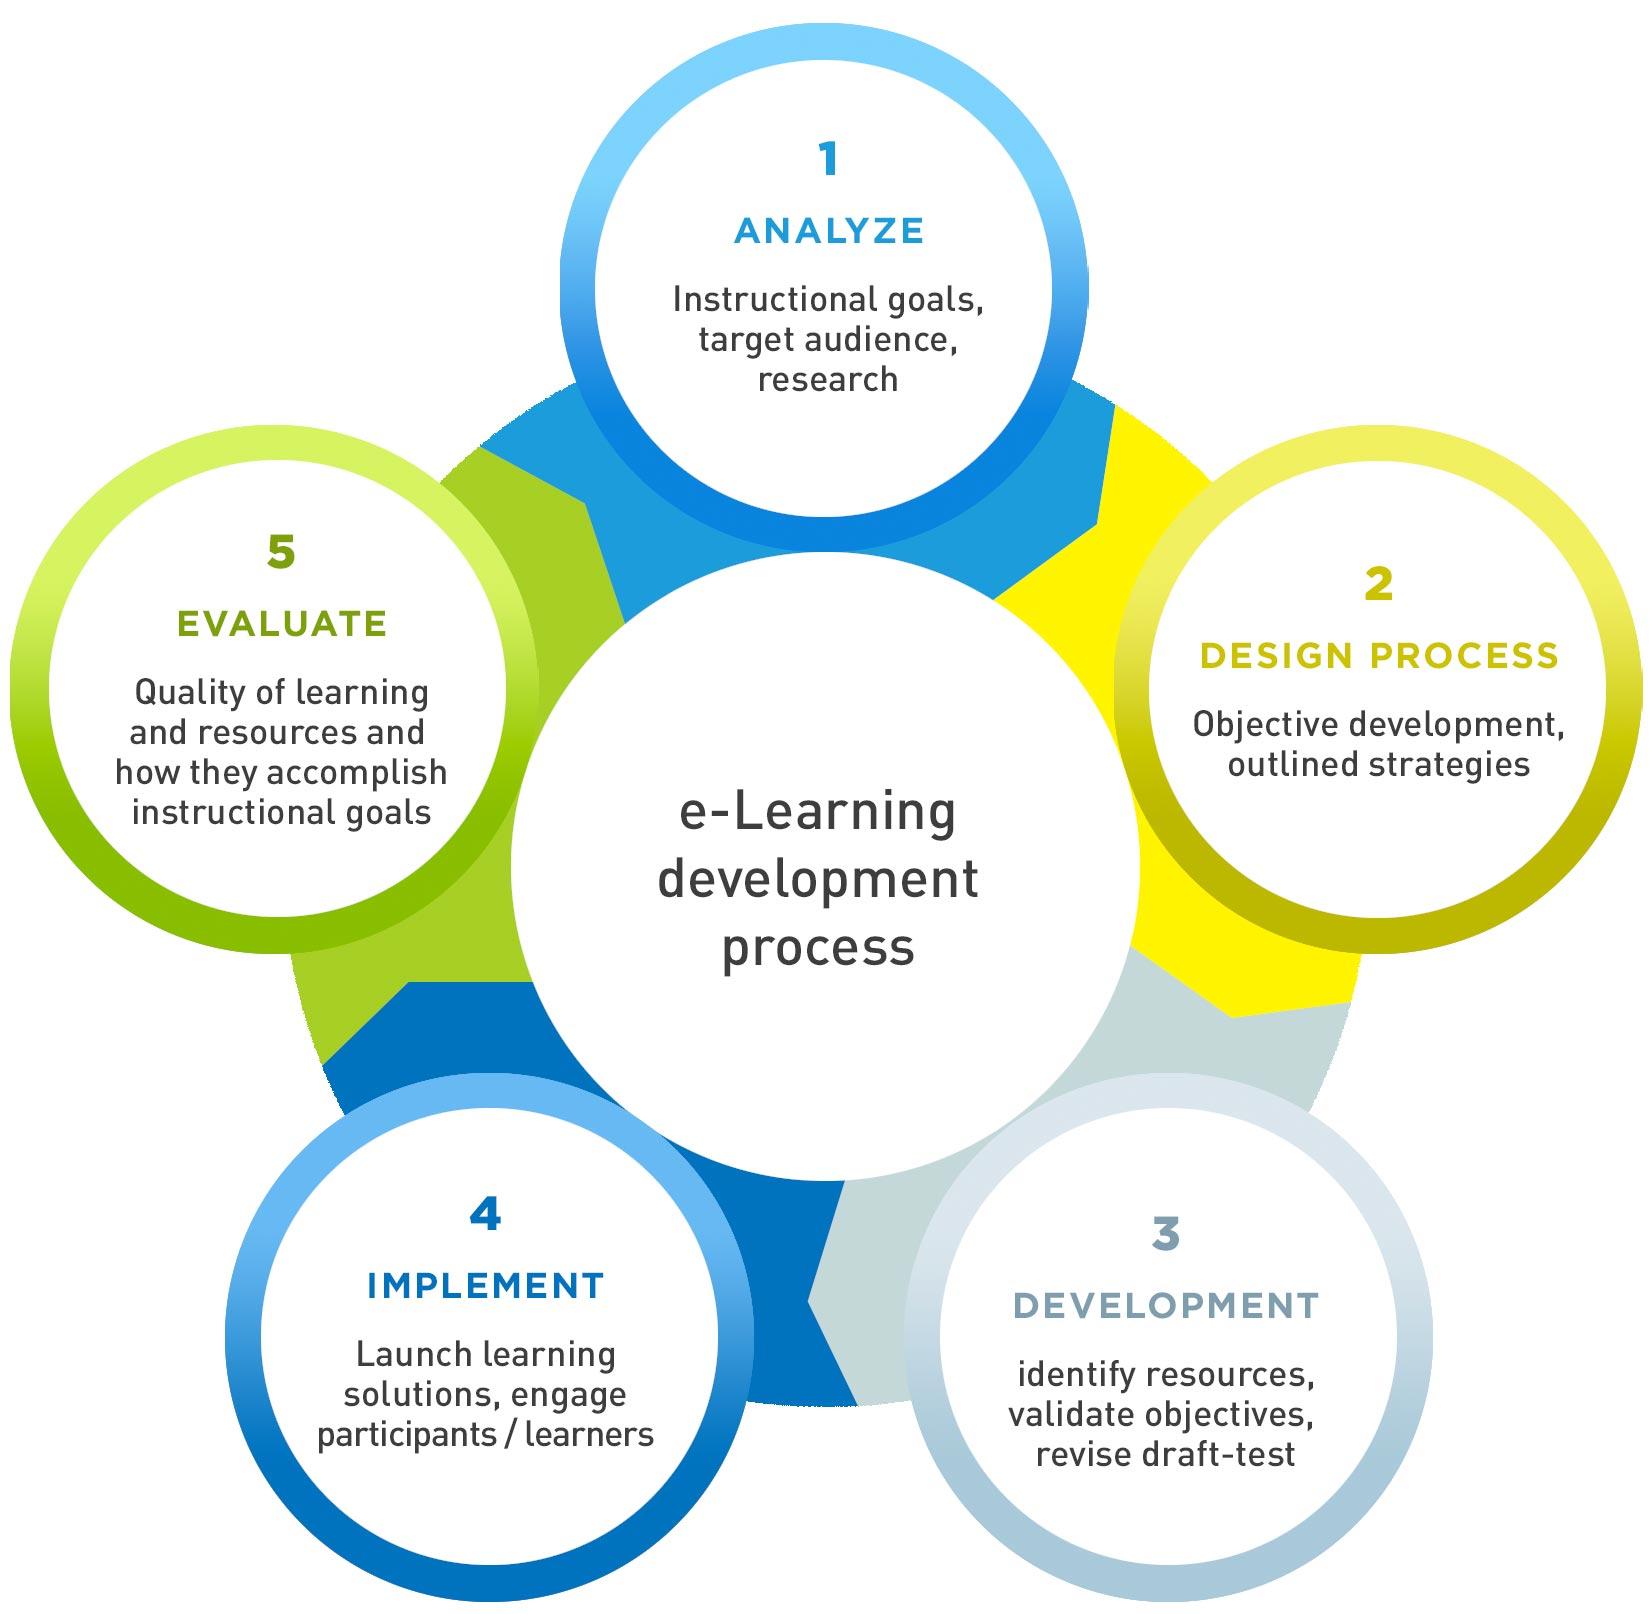 Orglearn e-Learning process diagram